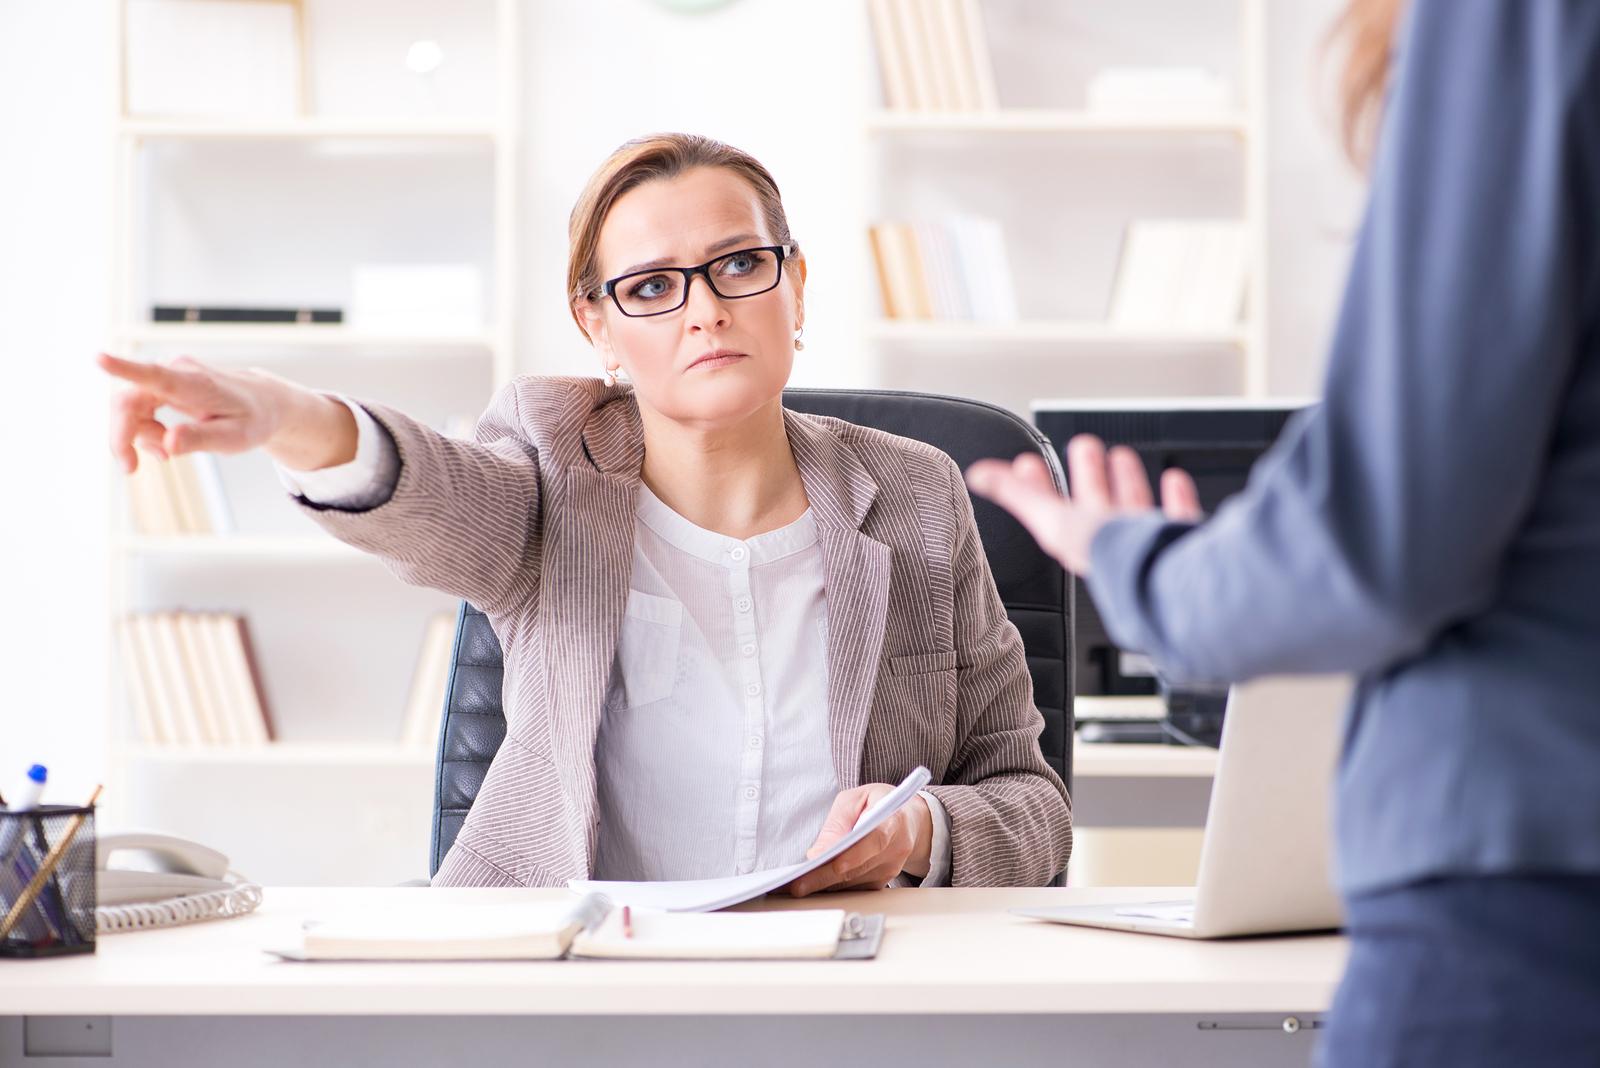 An angry boss firing an employee.